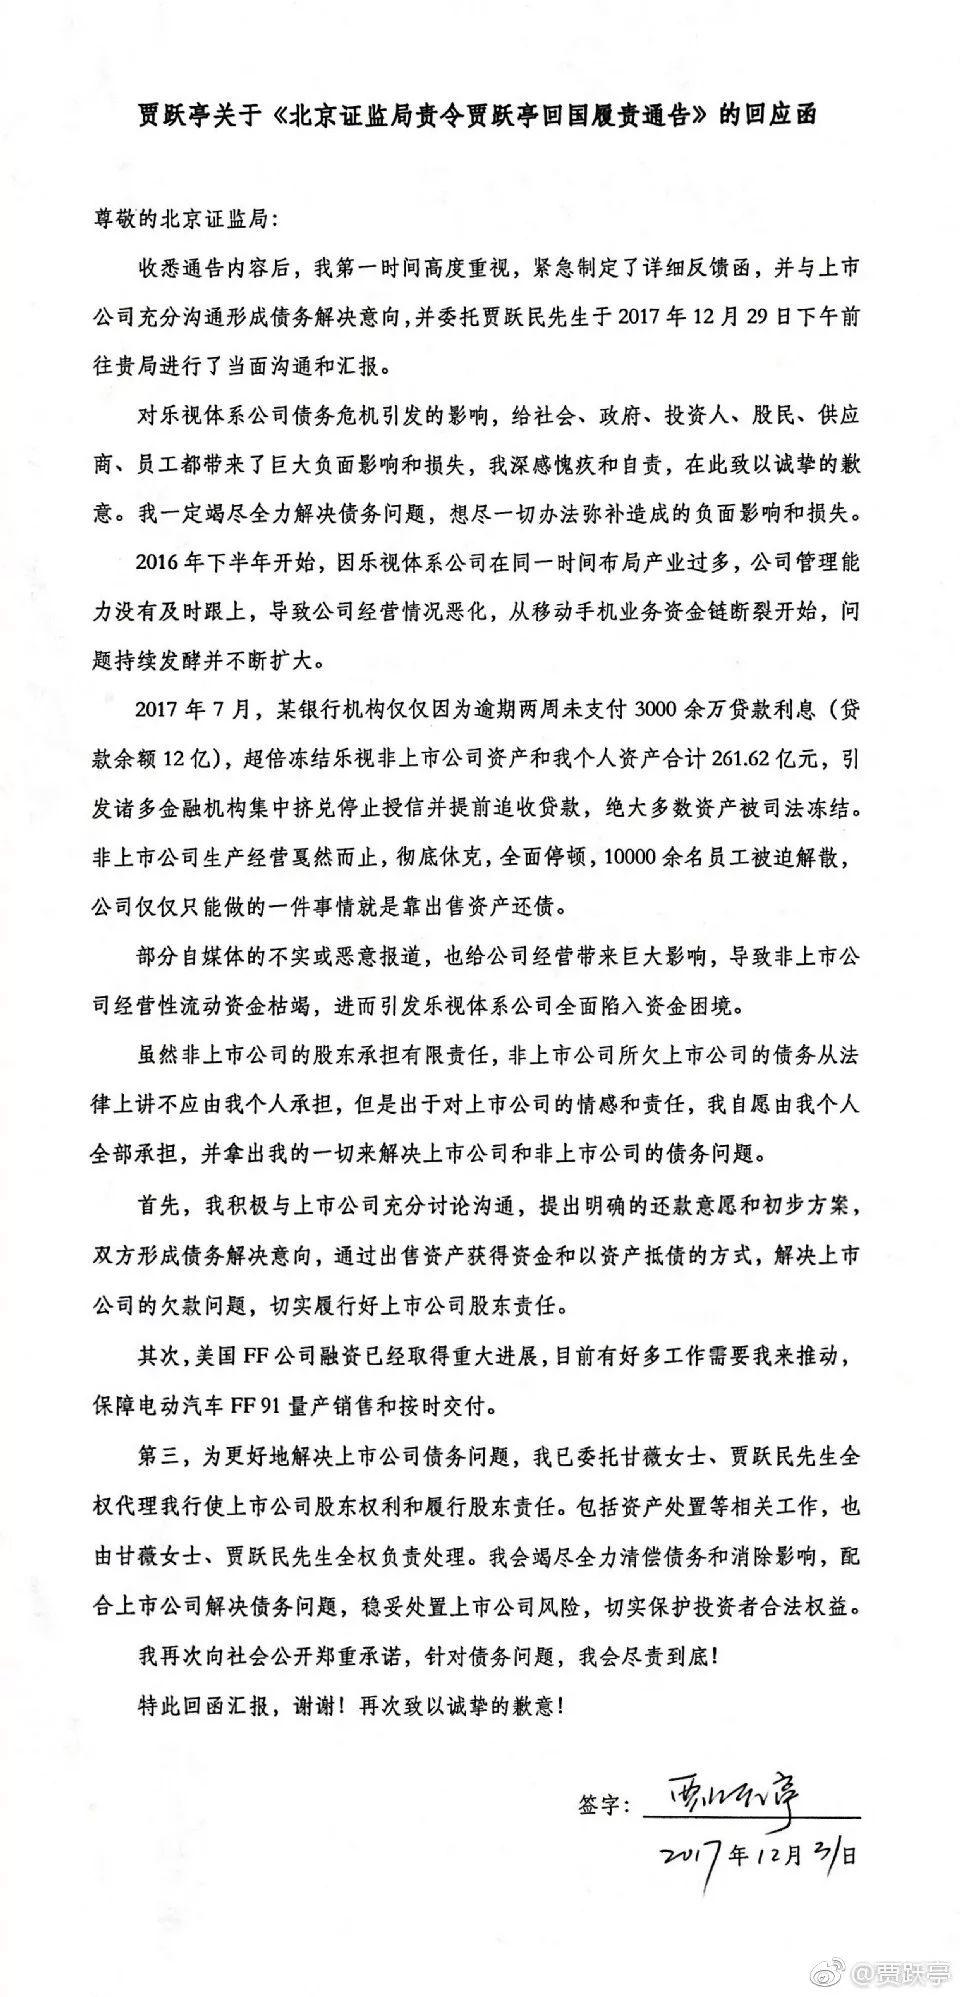 贾跃亭回应被责令回国:继续造车 委托哥哥和妻子全权代理